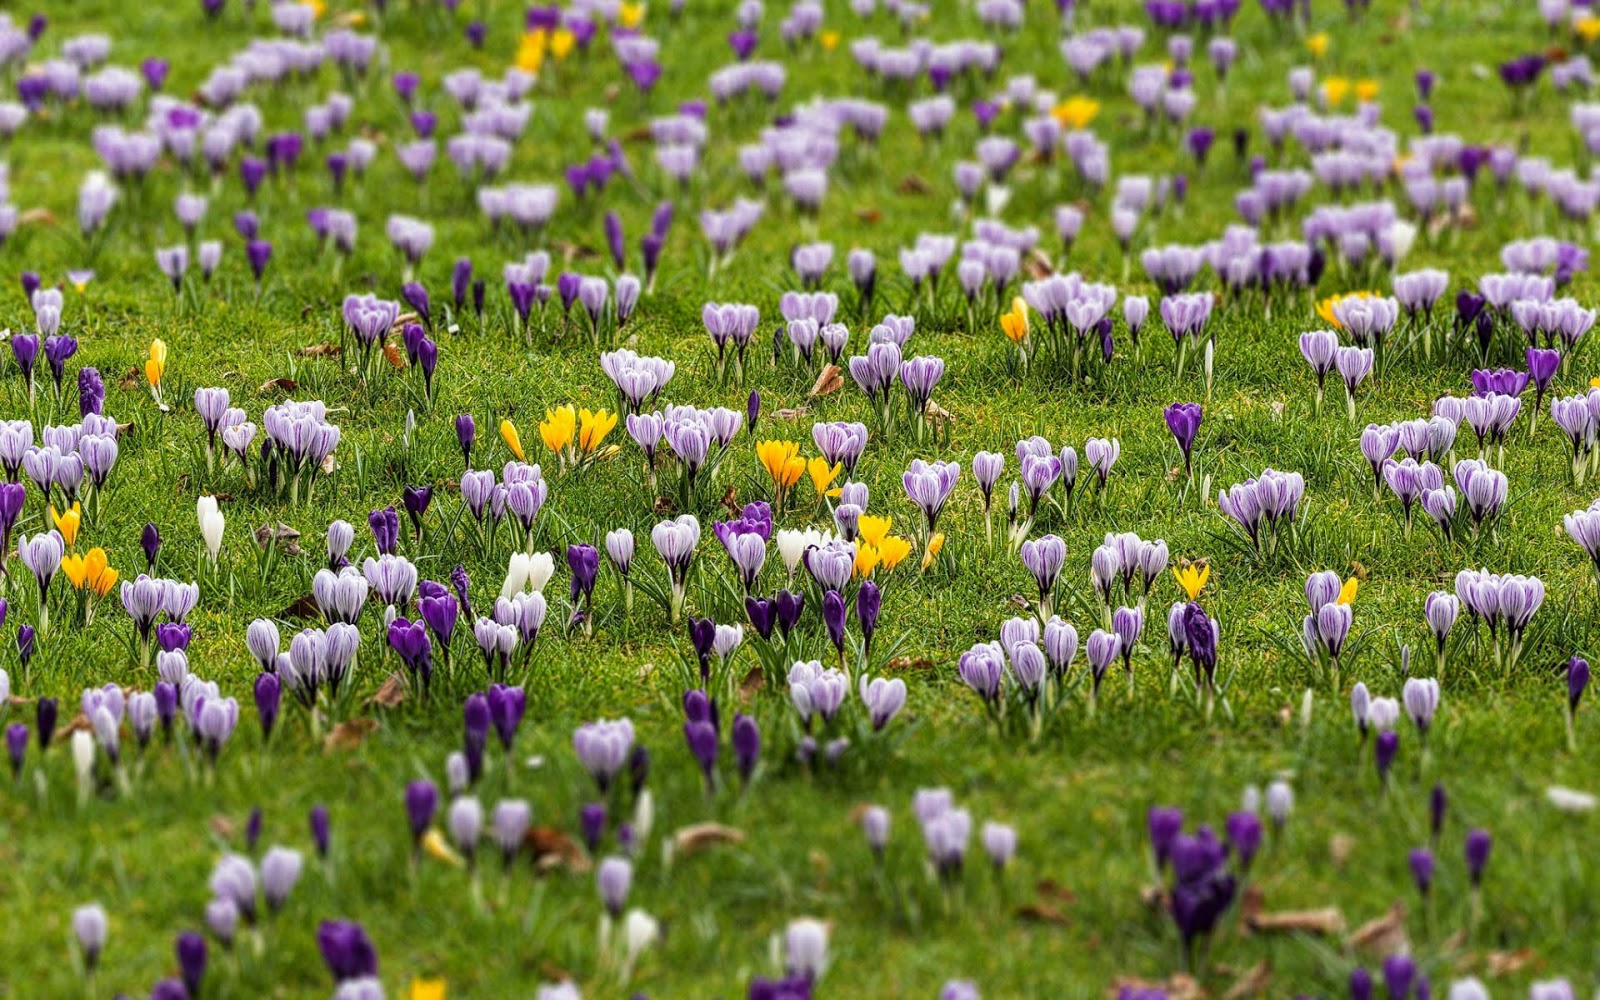 Bollen Bloeiend Voorjaar : Bloembollen en hun toepassingen allesoverbloembollen